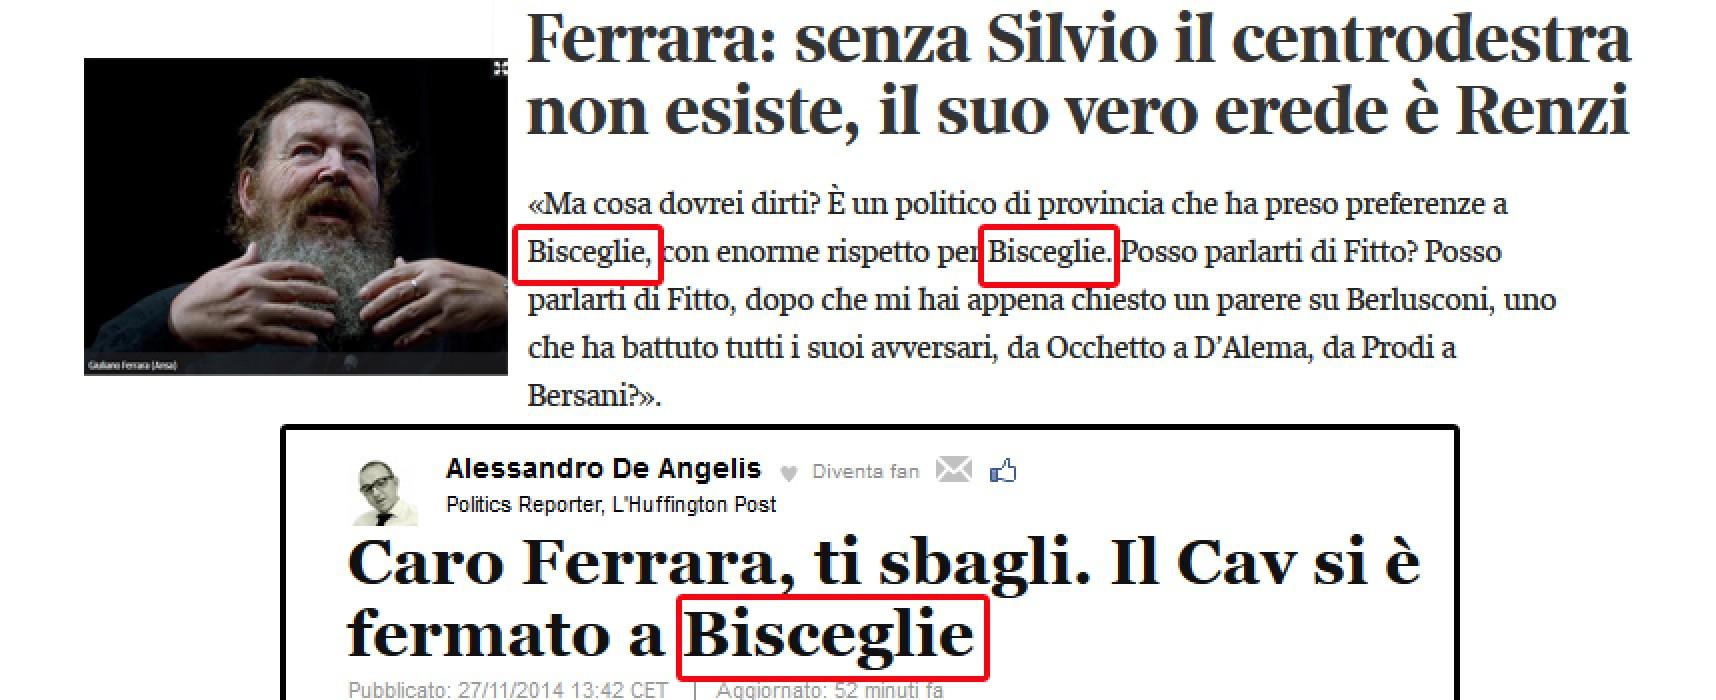 """Giuliano Ferrara su Fitto: """"È uno che ha preso voti a Bisceglie!"""" e si accende il dibattito"""